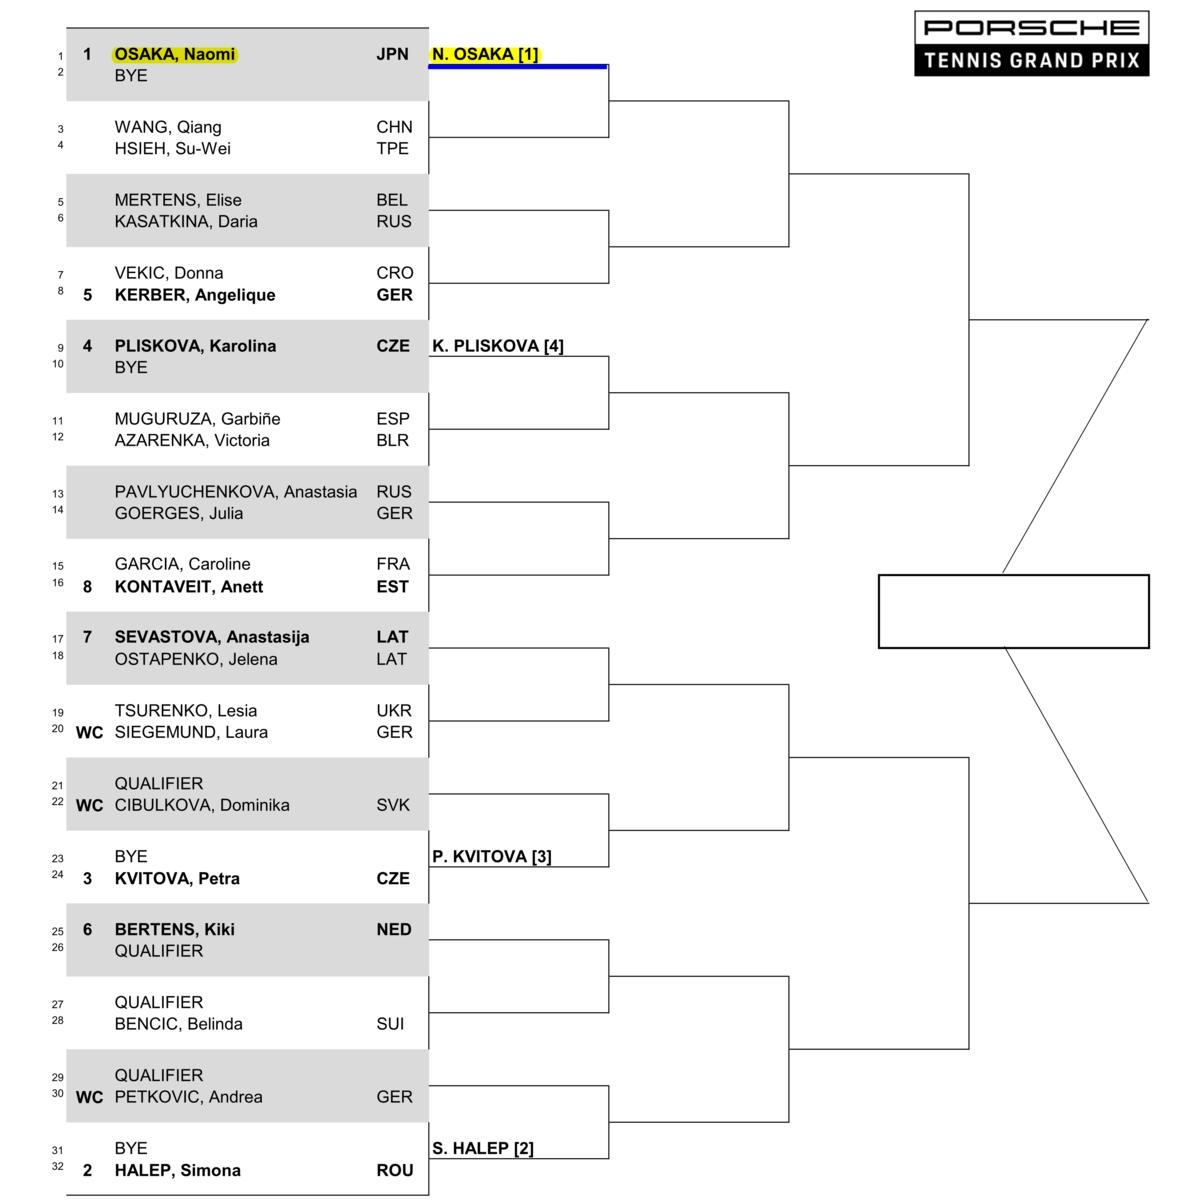 ポルシェ・テニス・グランプリ2019